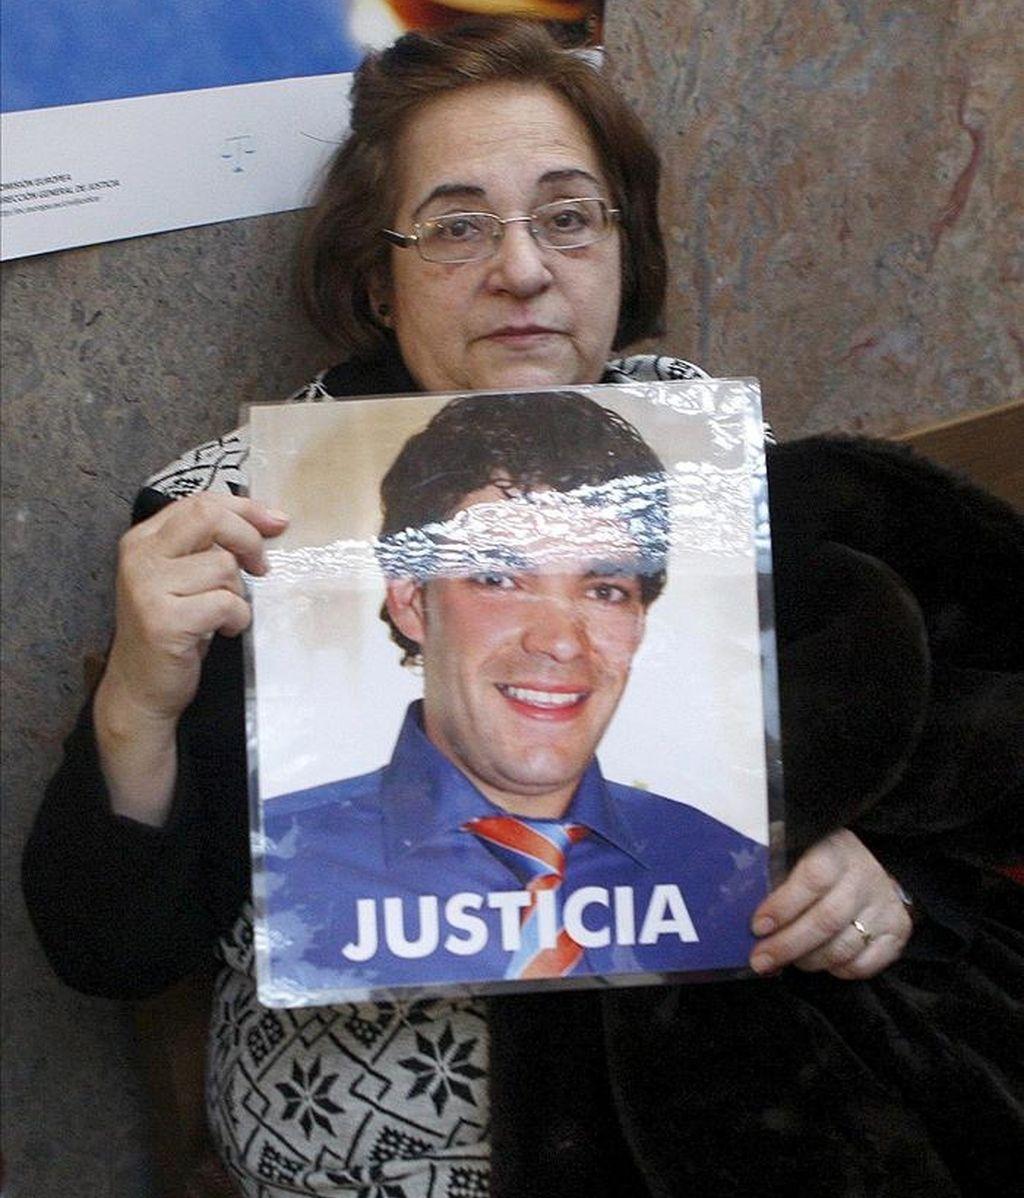 Julia Bernad enseña una foto de su hijo Benito Ríos, una de las víctimas en el atropello, en julio de 2007, a un grupo de personas frente a la discoteca Manhattan de Huesca, del que se acusa al jóven de 25 años Víctor Manuel Gómez Rivero, momentos antes del inicio del juicio en la Audiencia Provincial de Huesca. EFE